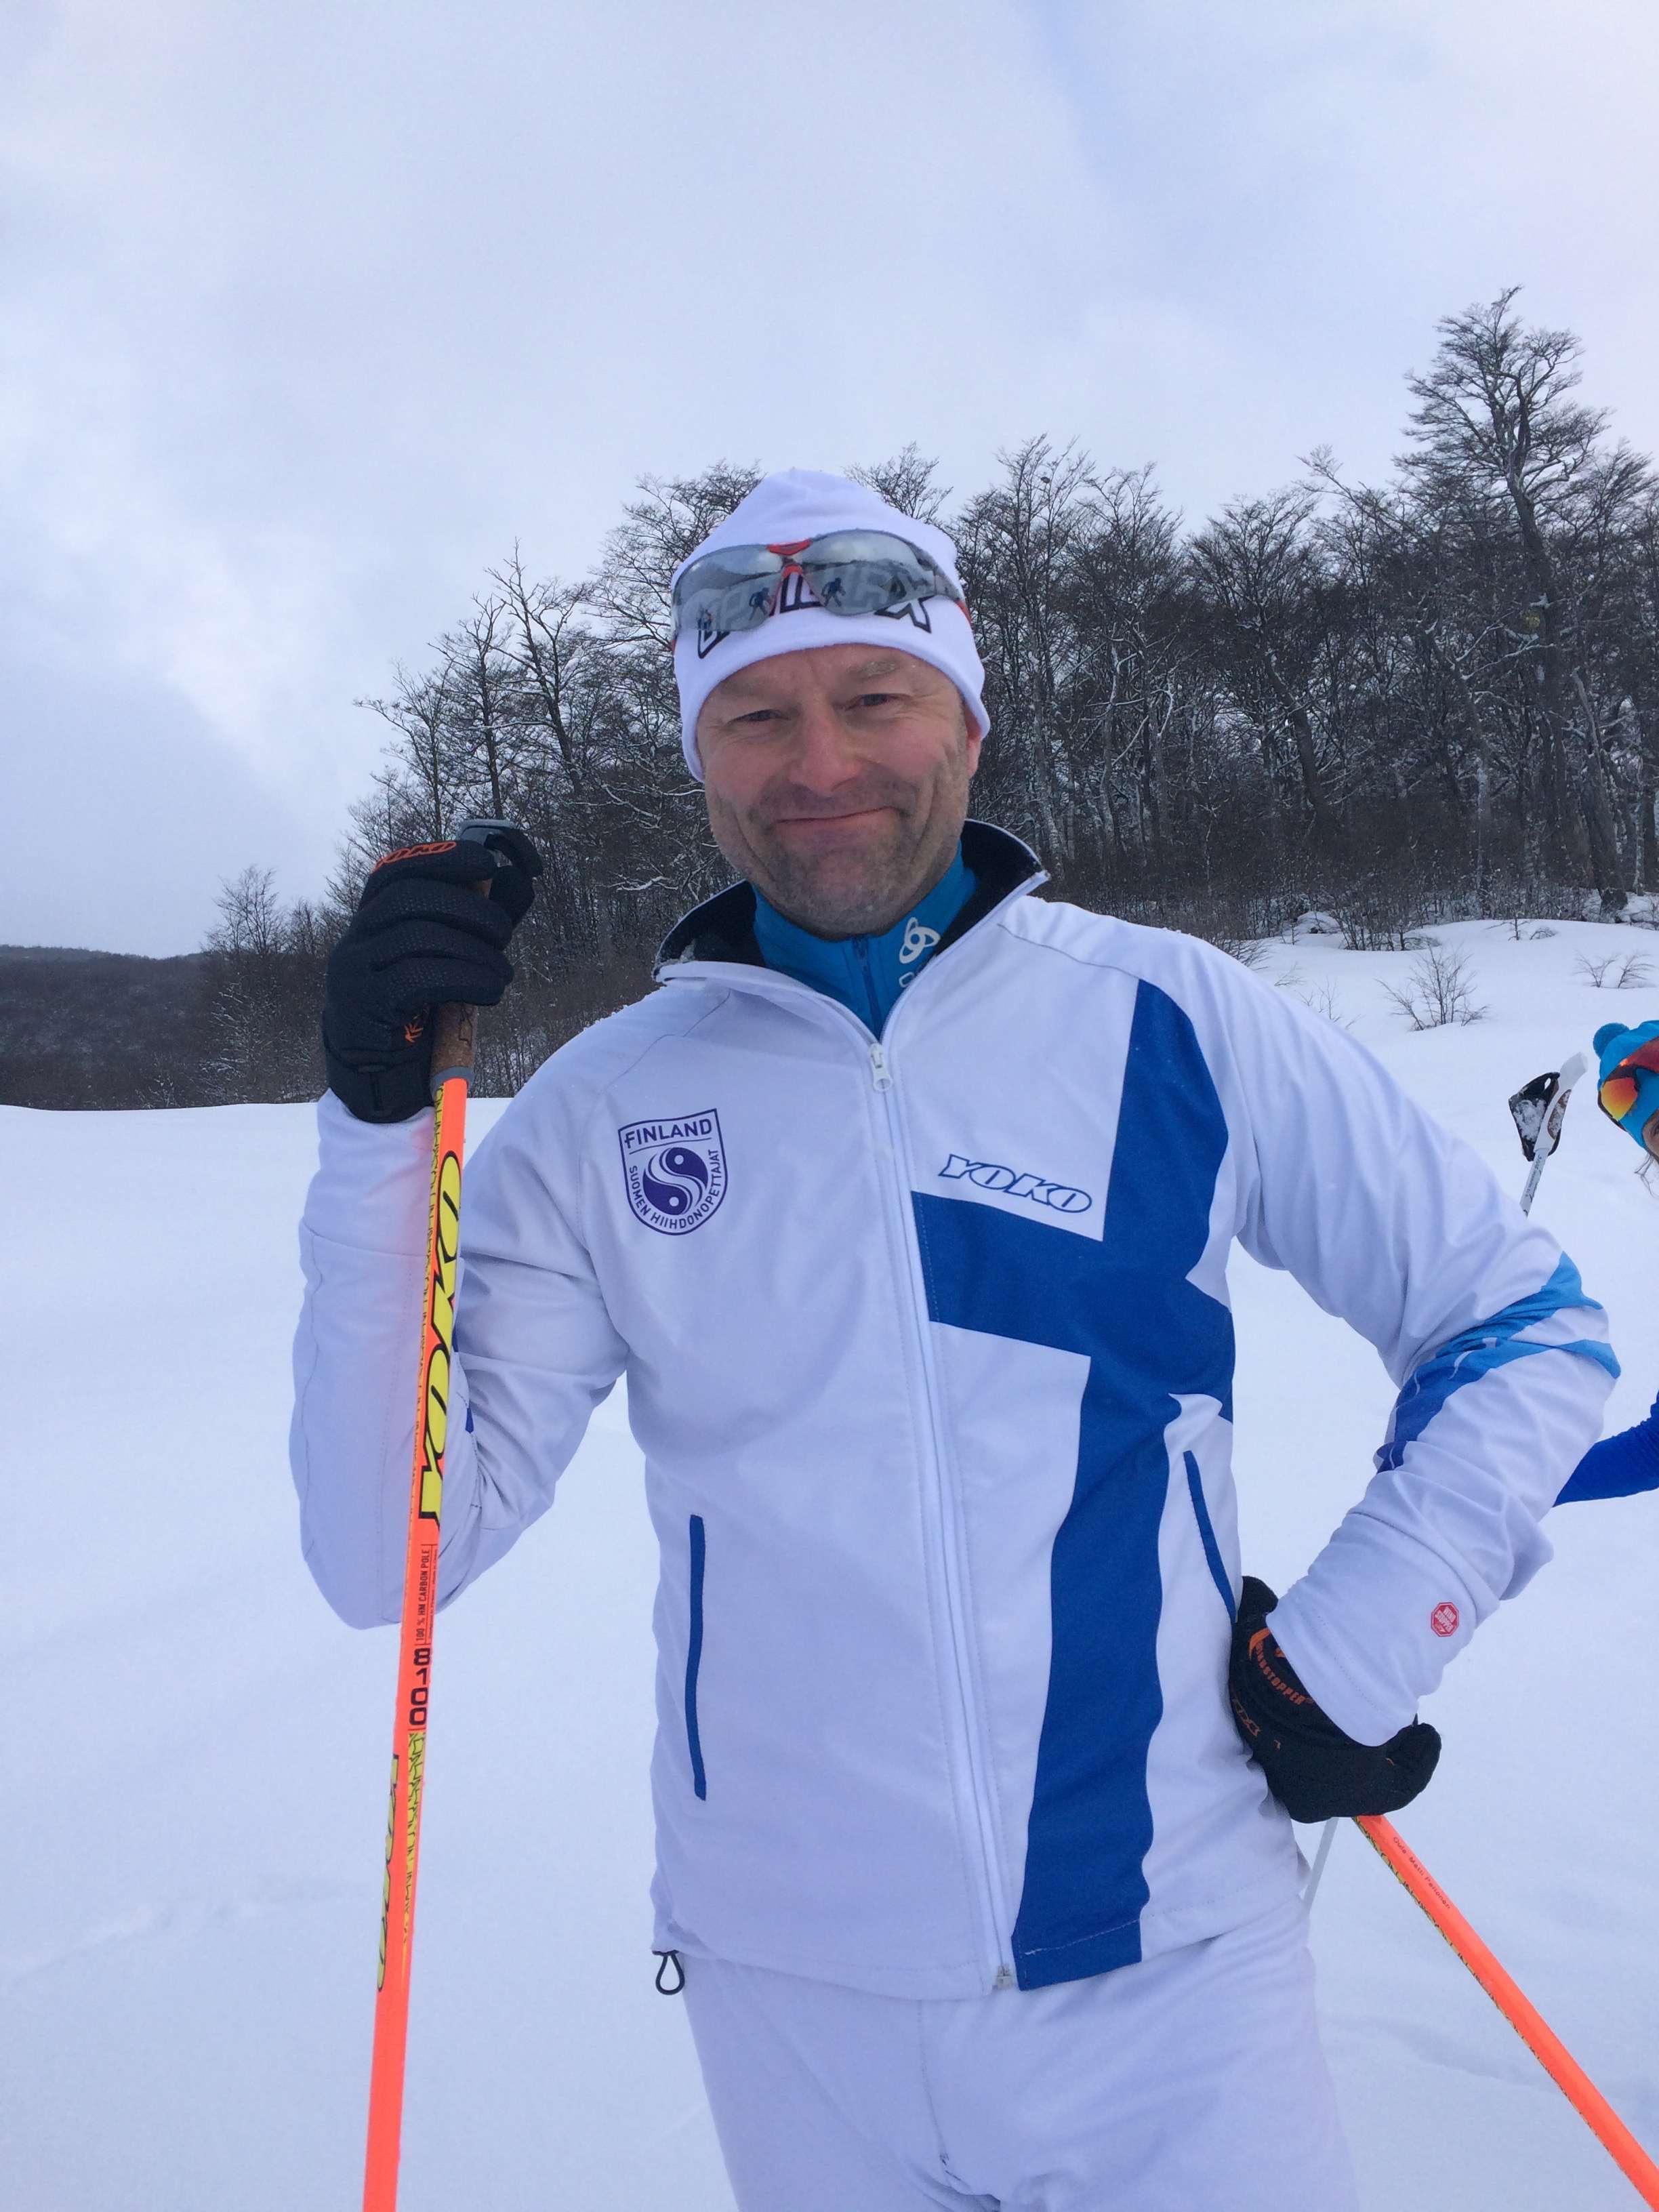 Oula-Matti Peltonen on the Finland team.